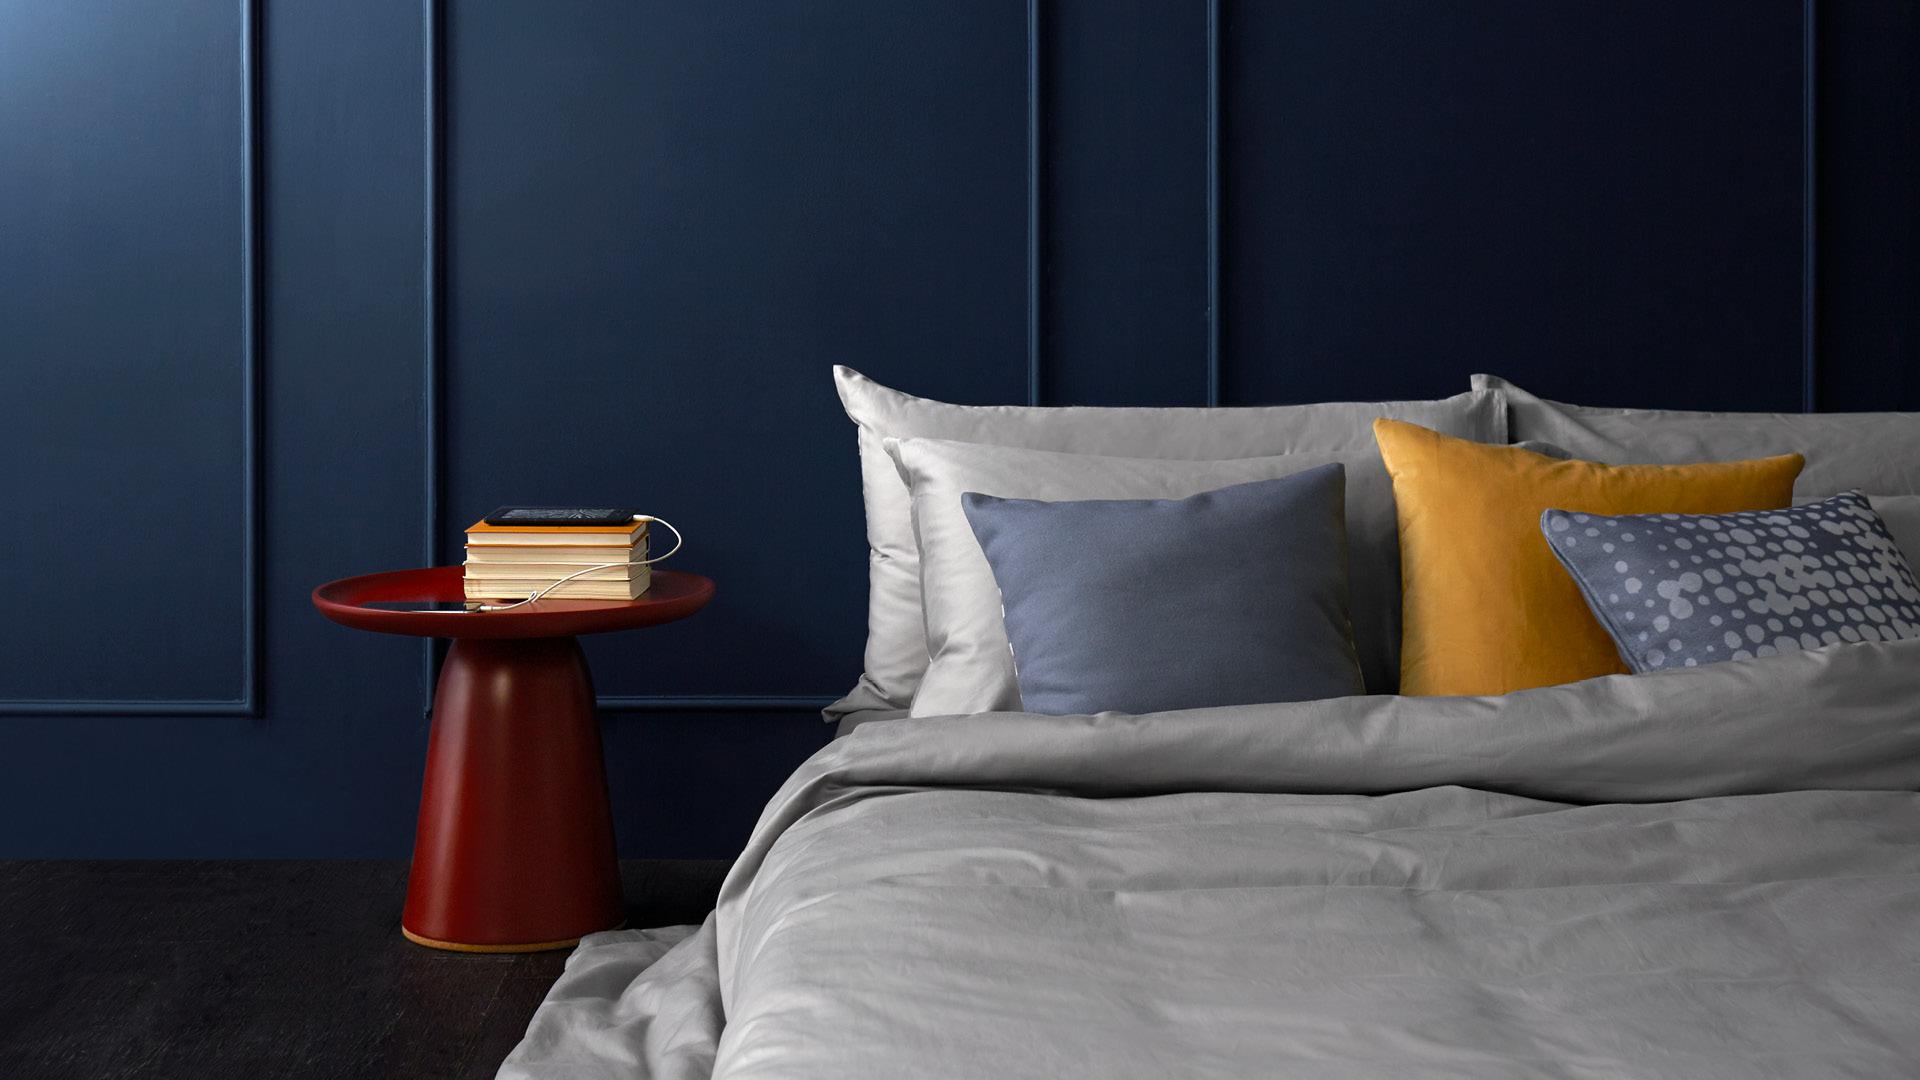 取代笨重床头柜,为卧室优雅减负